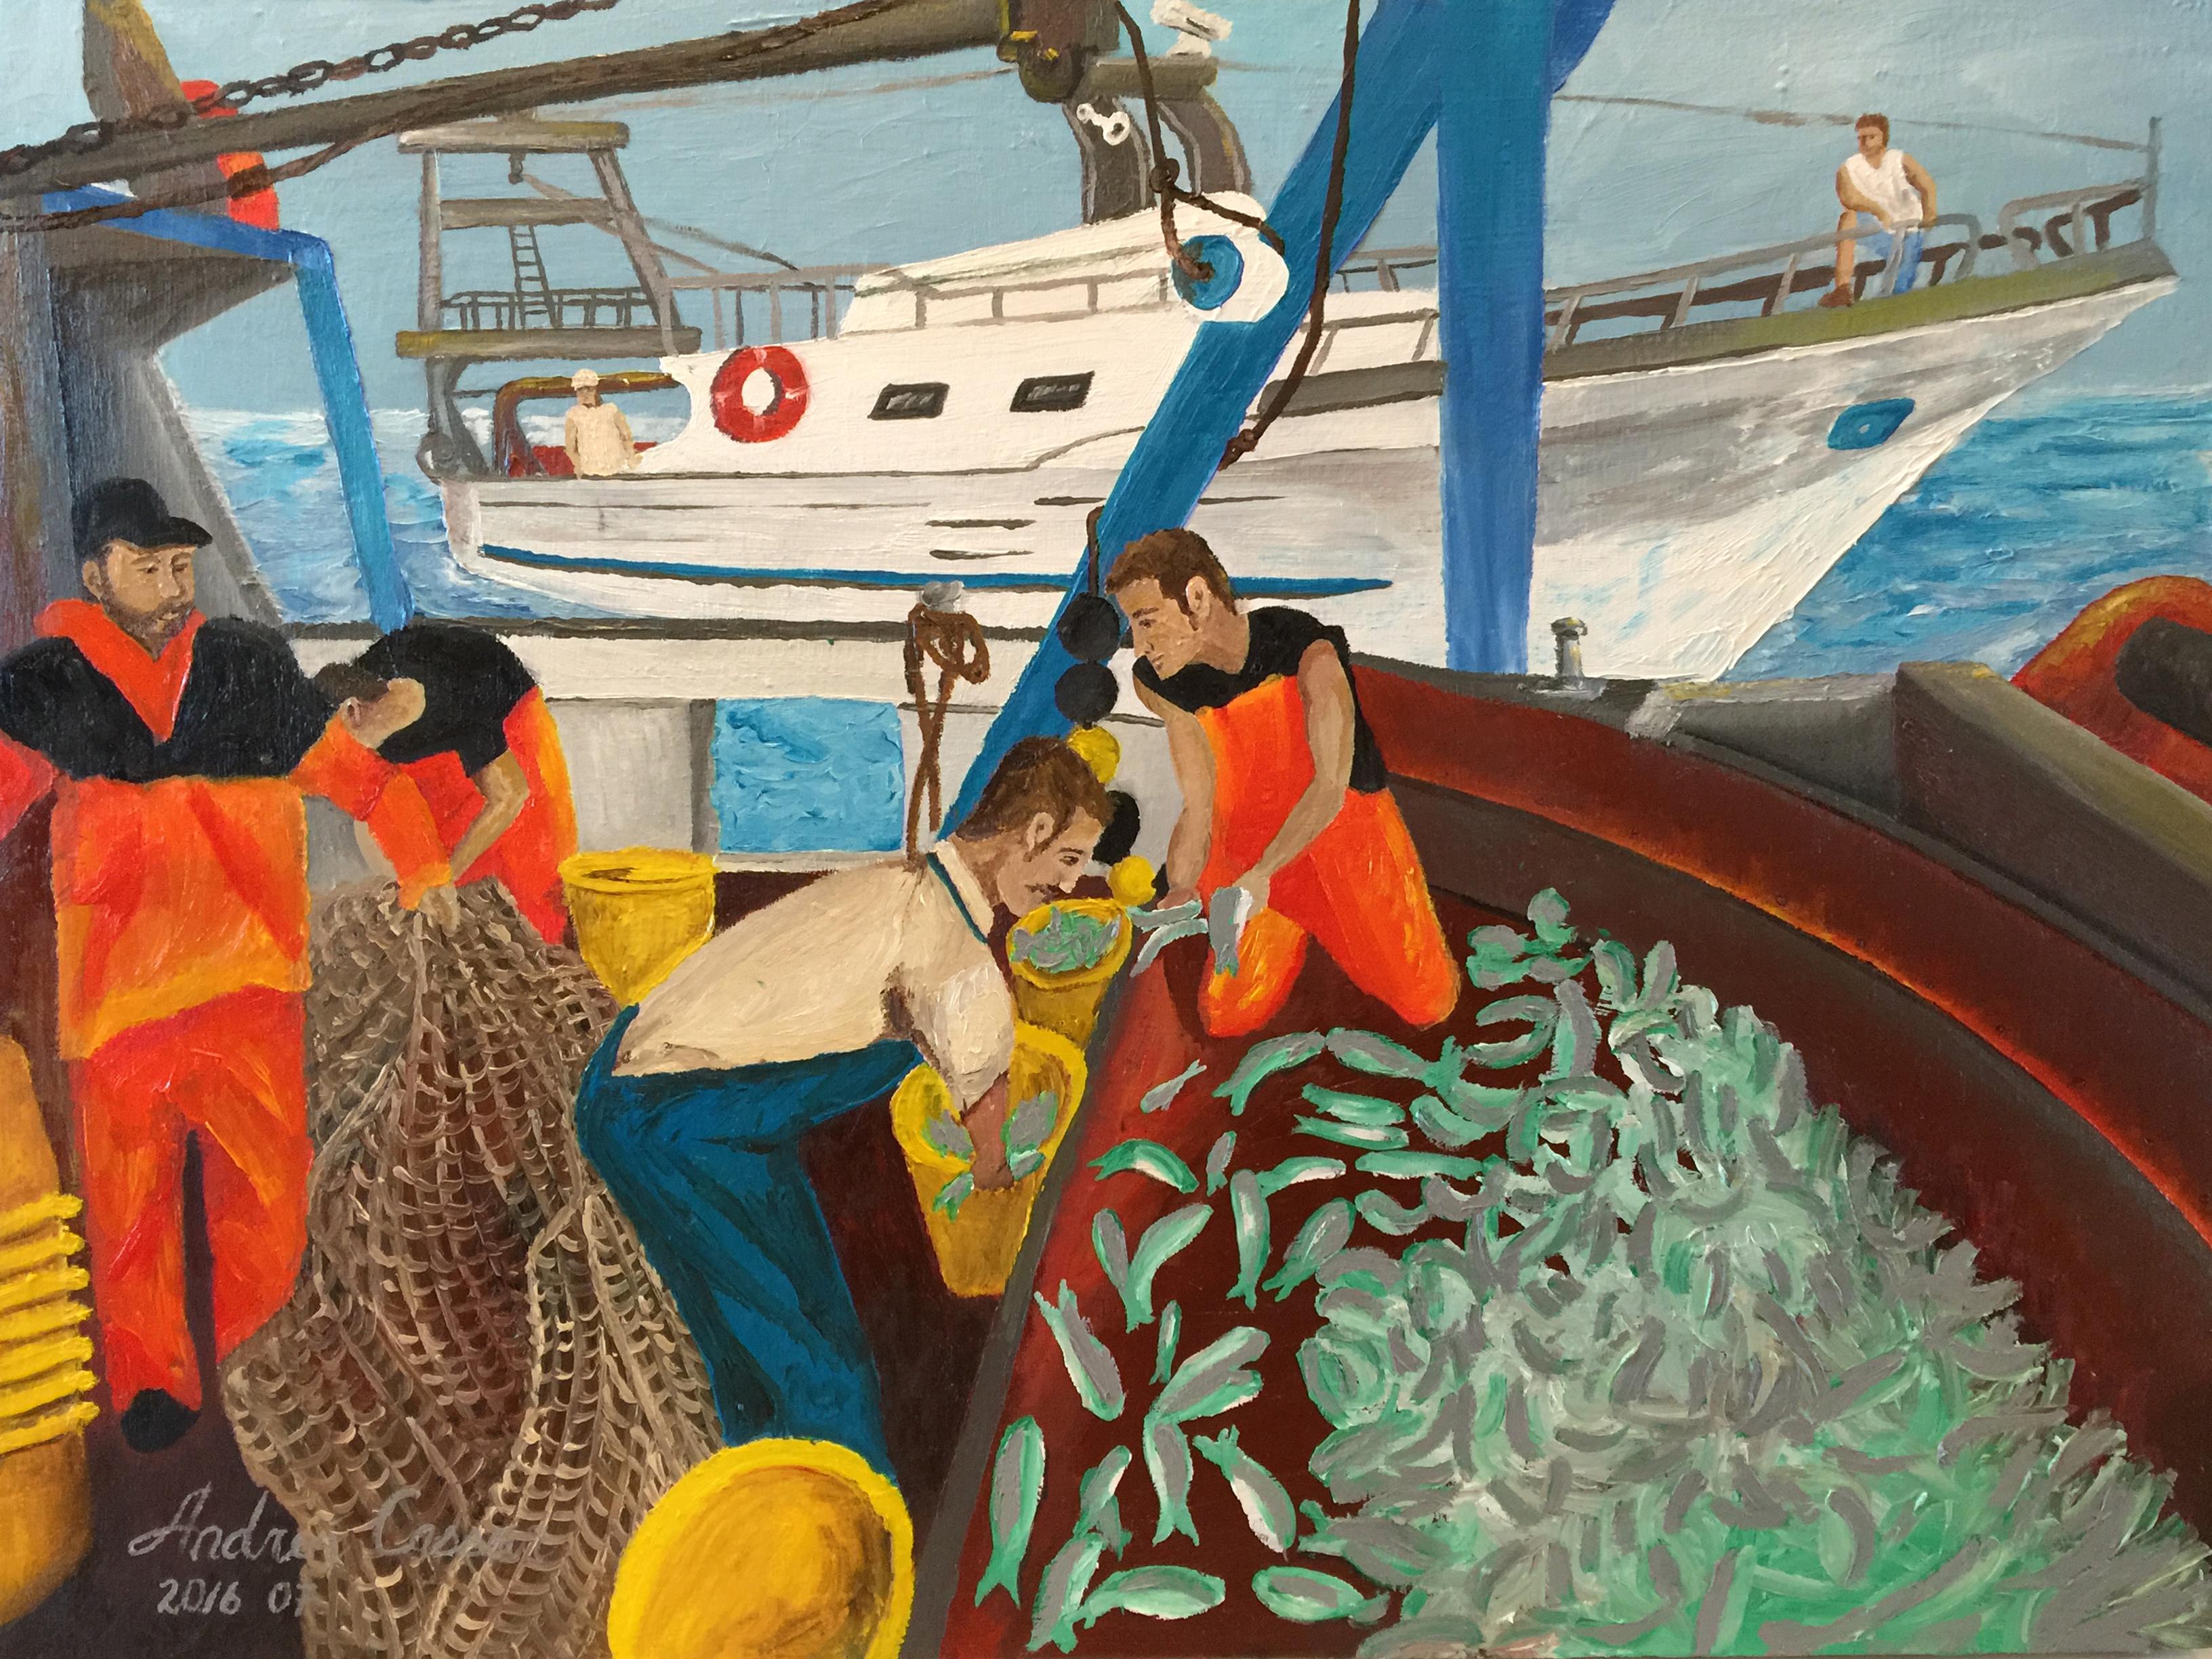 Zio_Sandro_Fishing_Boat